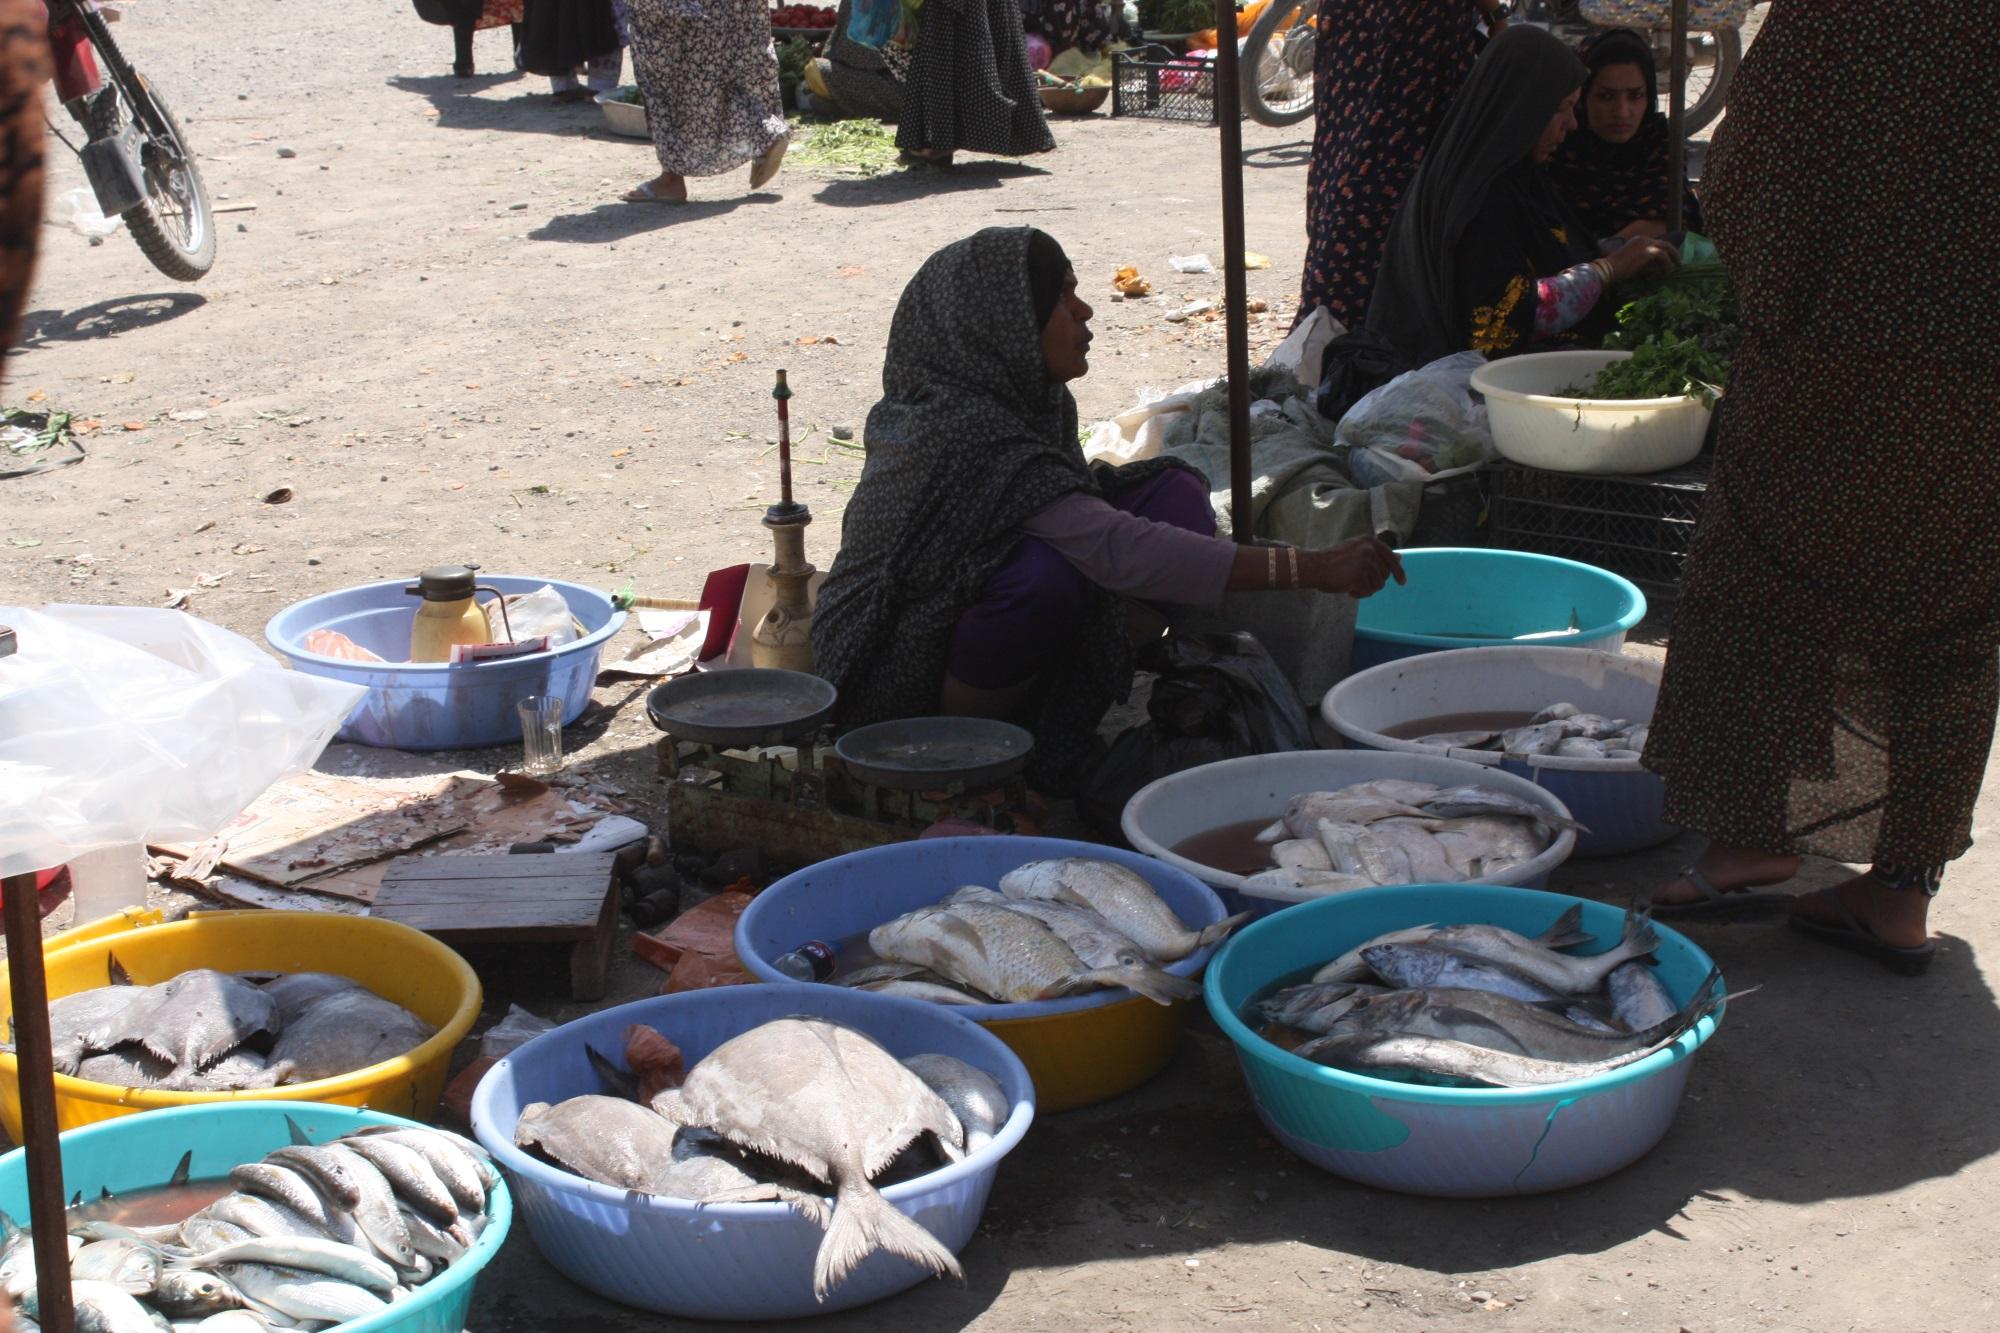 iran-minab-fish-market_o-randin-97b7b356078f0c3e9de9175beaab2077b4739596